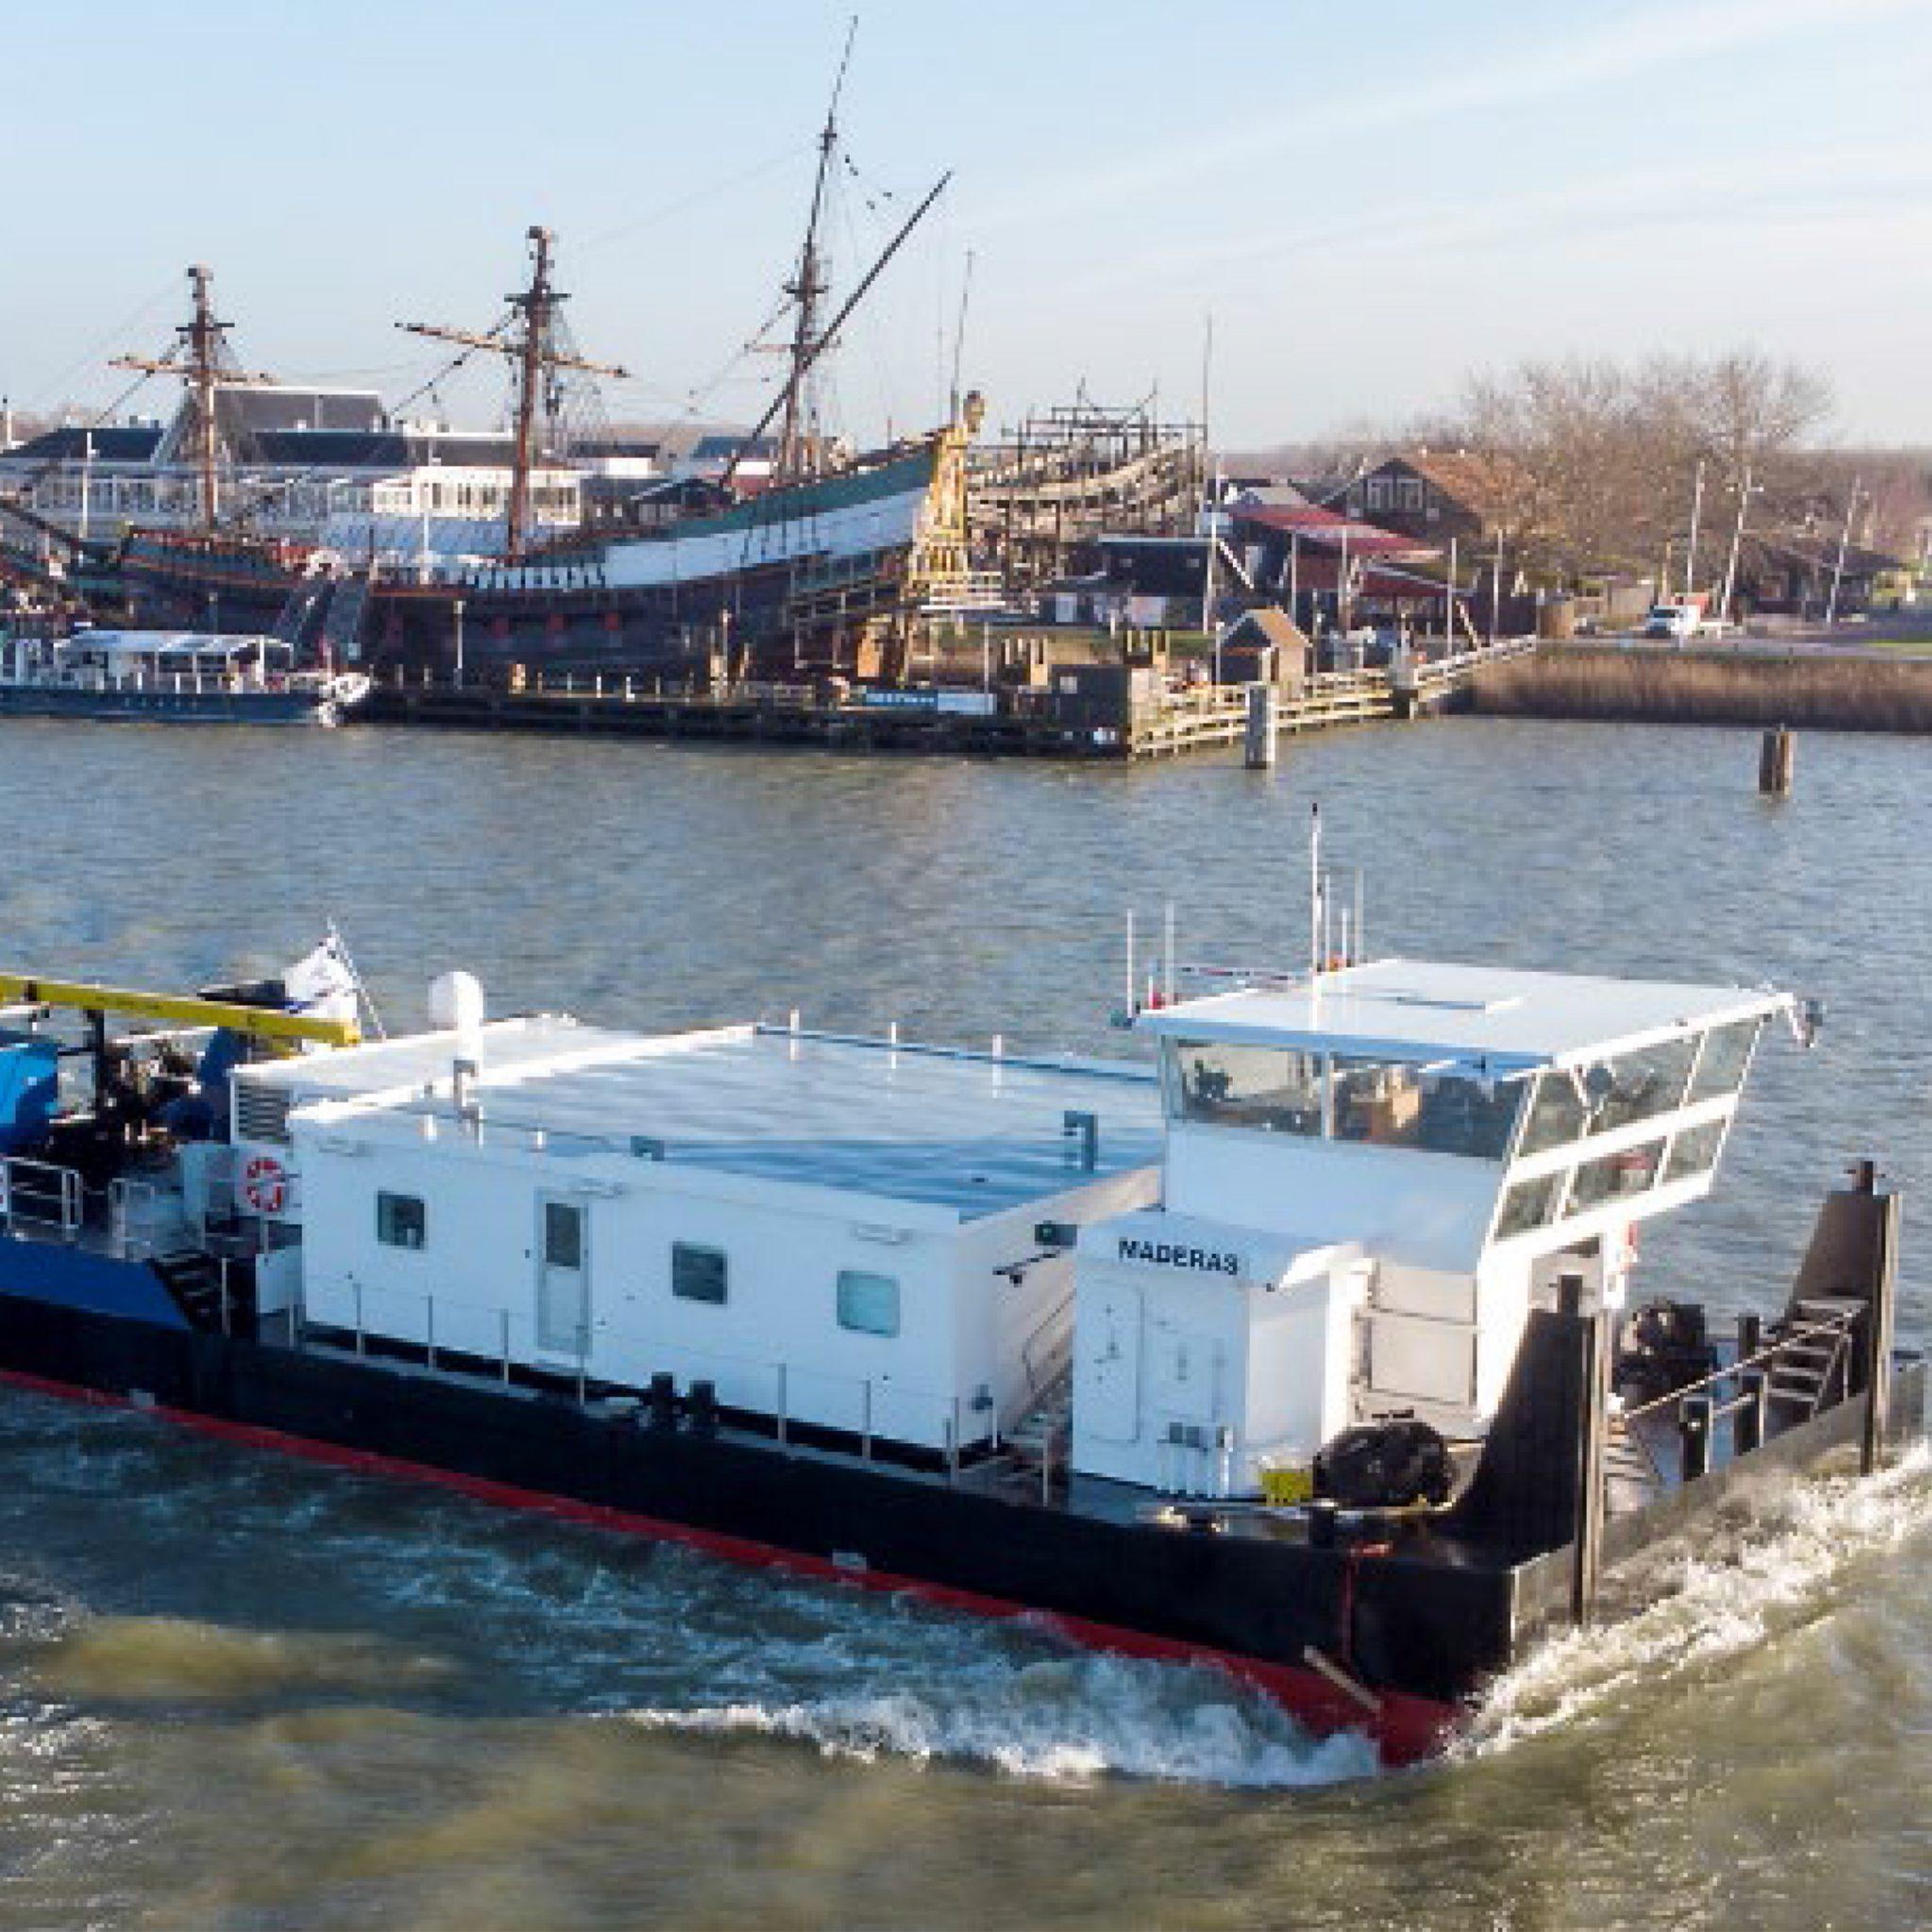 De diesel-elektrische BN354 Muria was de laatste van drie nieuwe duwboten voor Chemgas Shipping. In mei van dit jaar leverde Barkmeijer al de zusterschepen Maderas en Merapi op. (Foto Barkmeijer Shipyards)